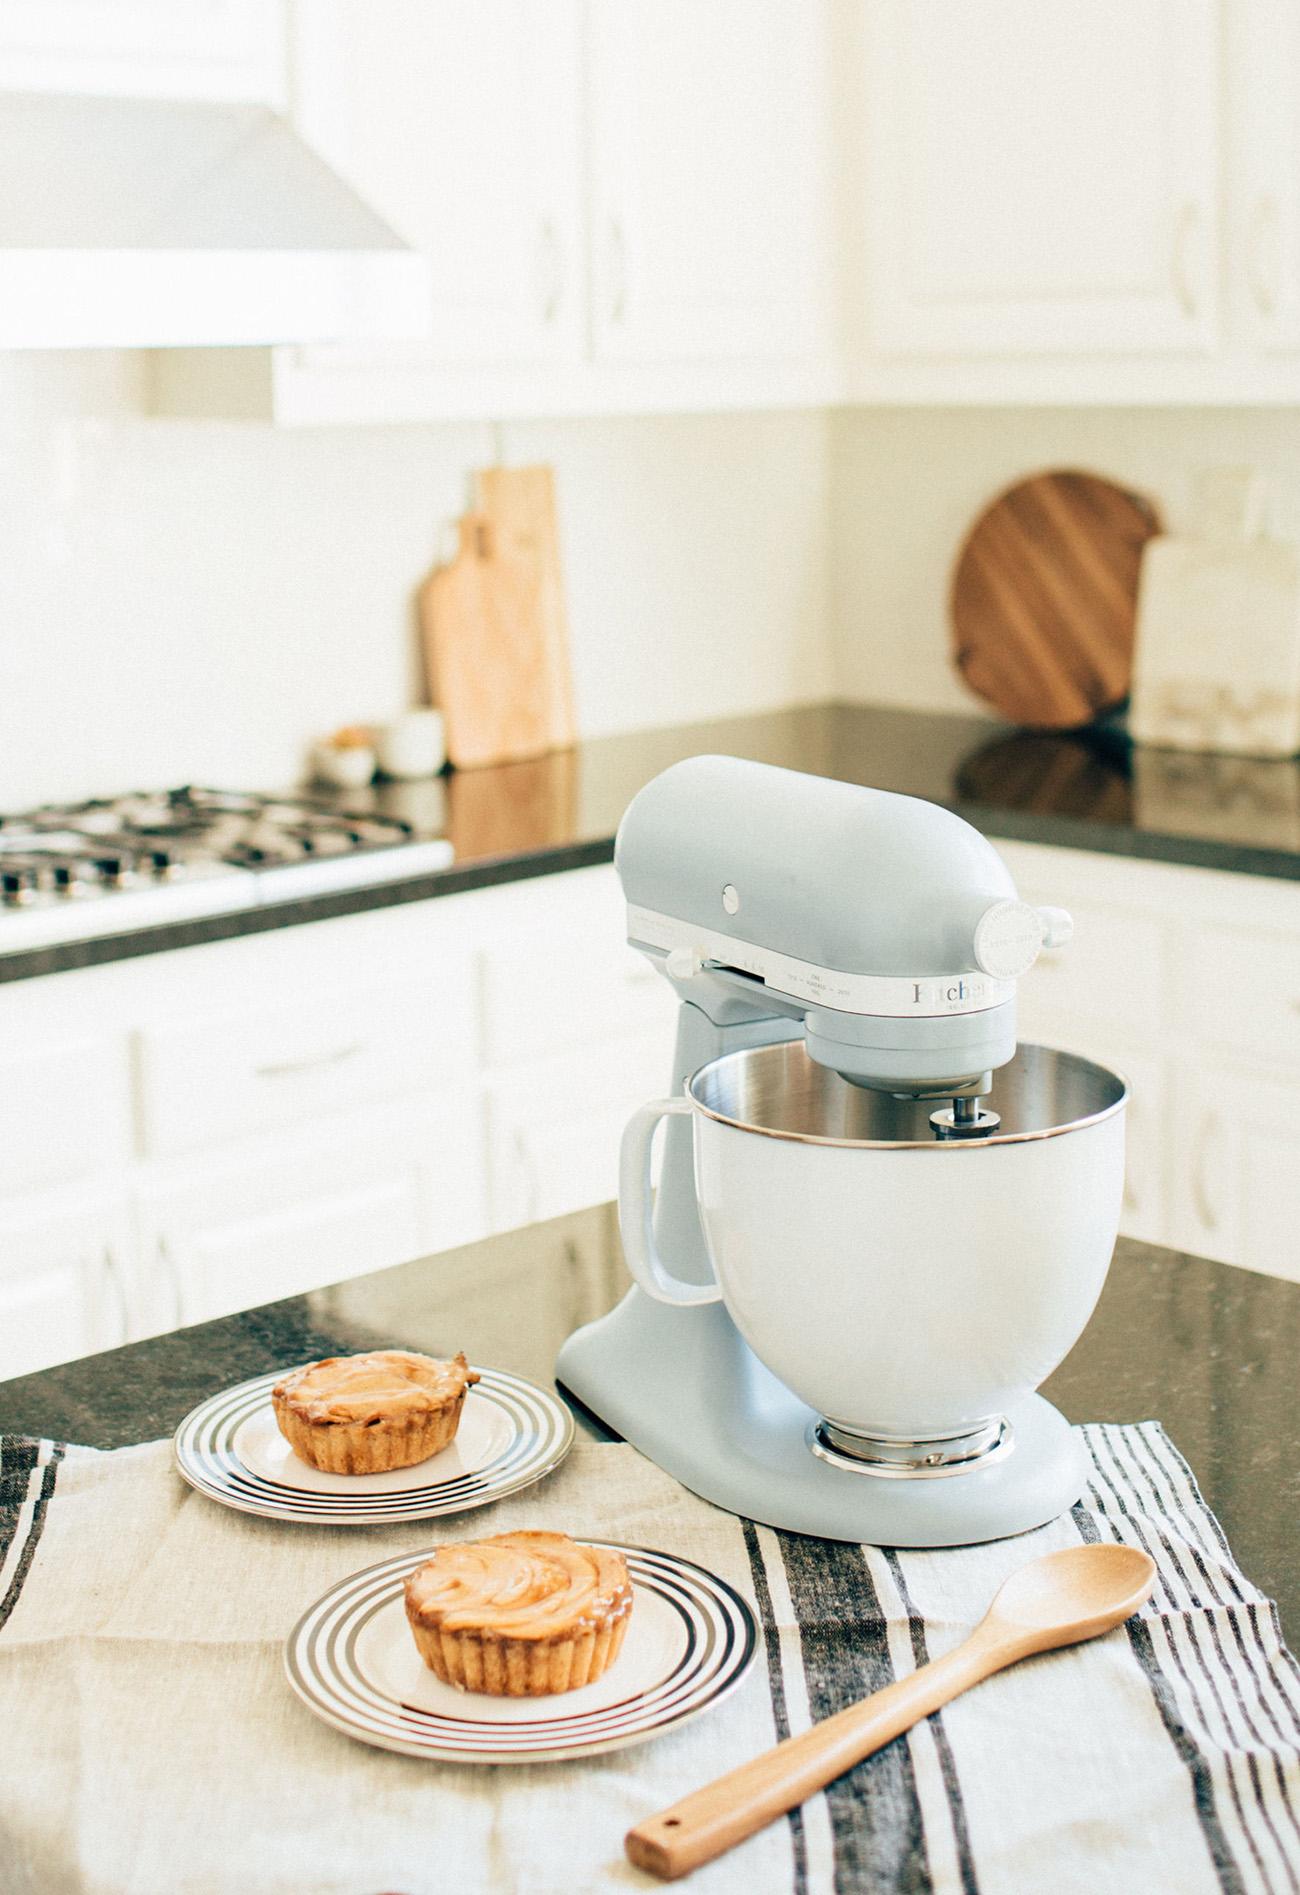 Kitchen-Aid Mixer in Misty Blue